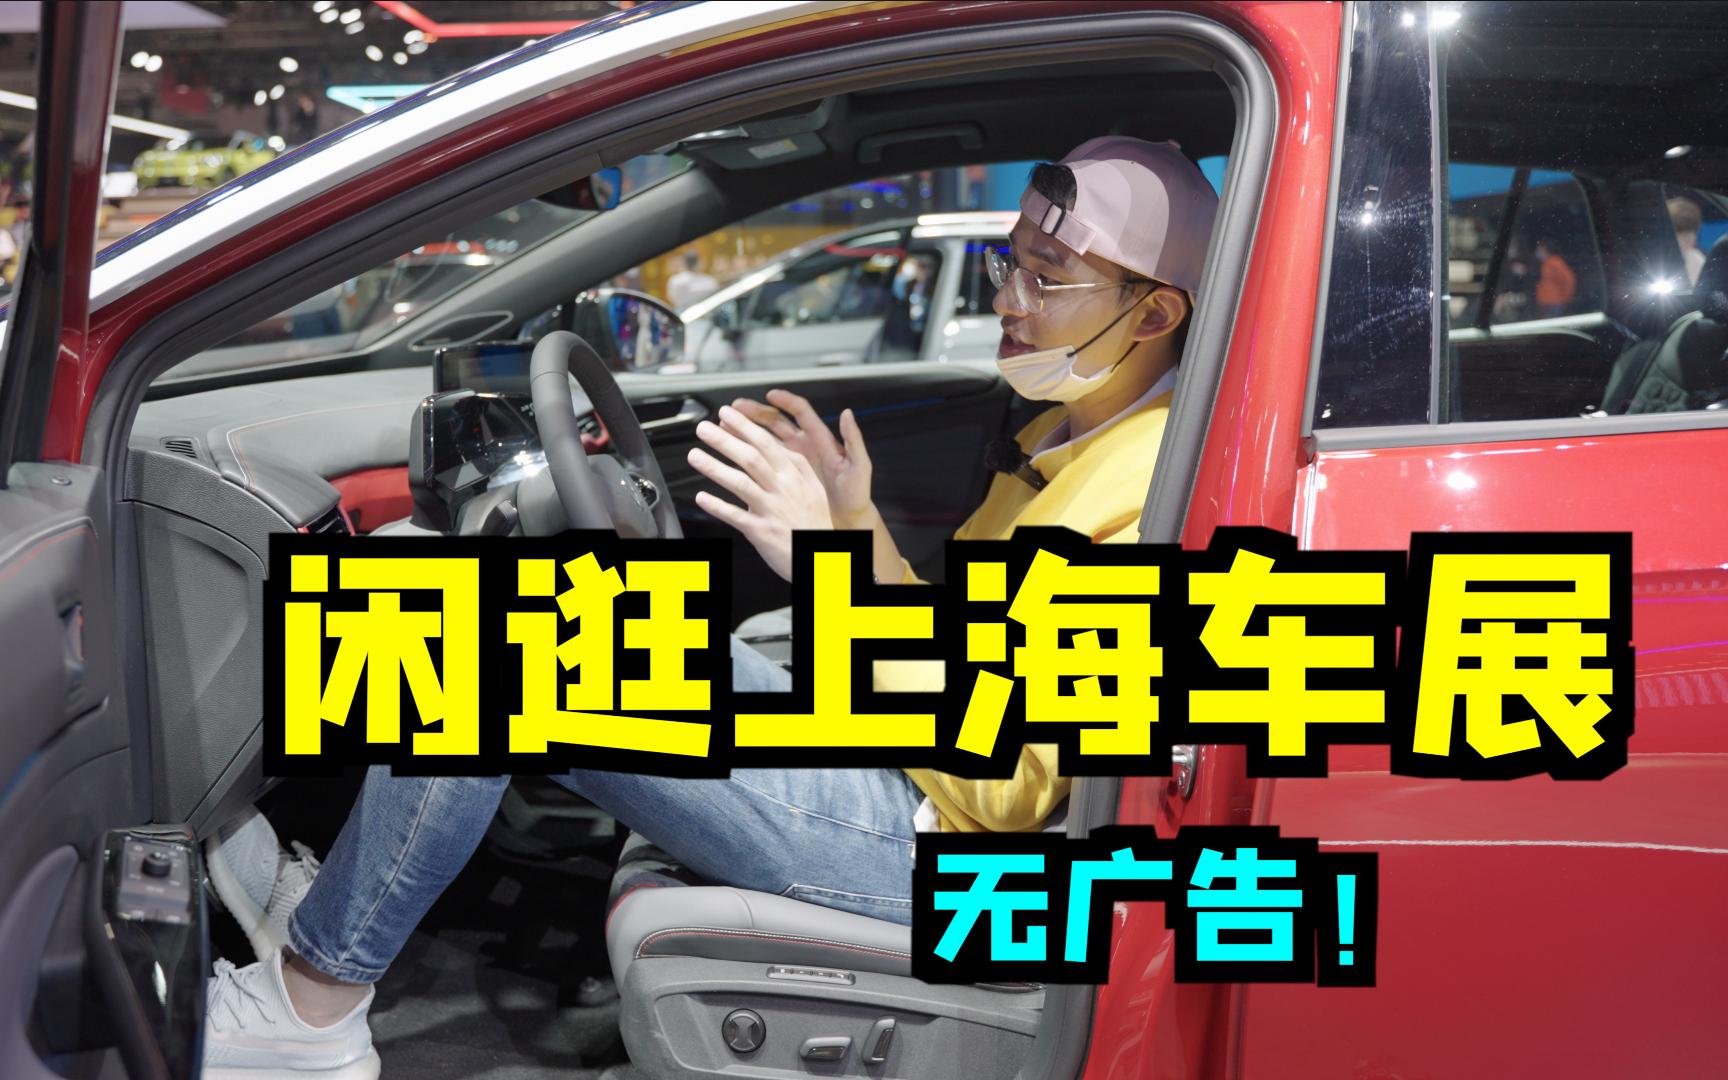 【乃log】上海车展哔哔赖赖碎碎念回顾一下!